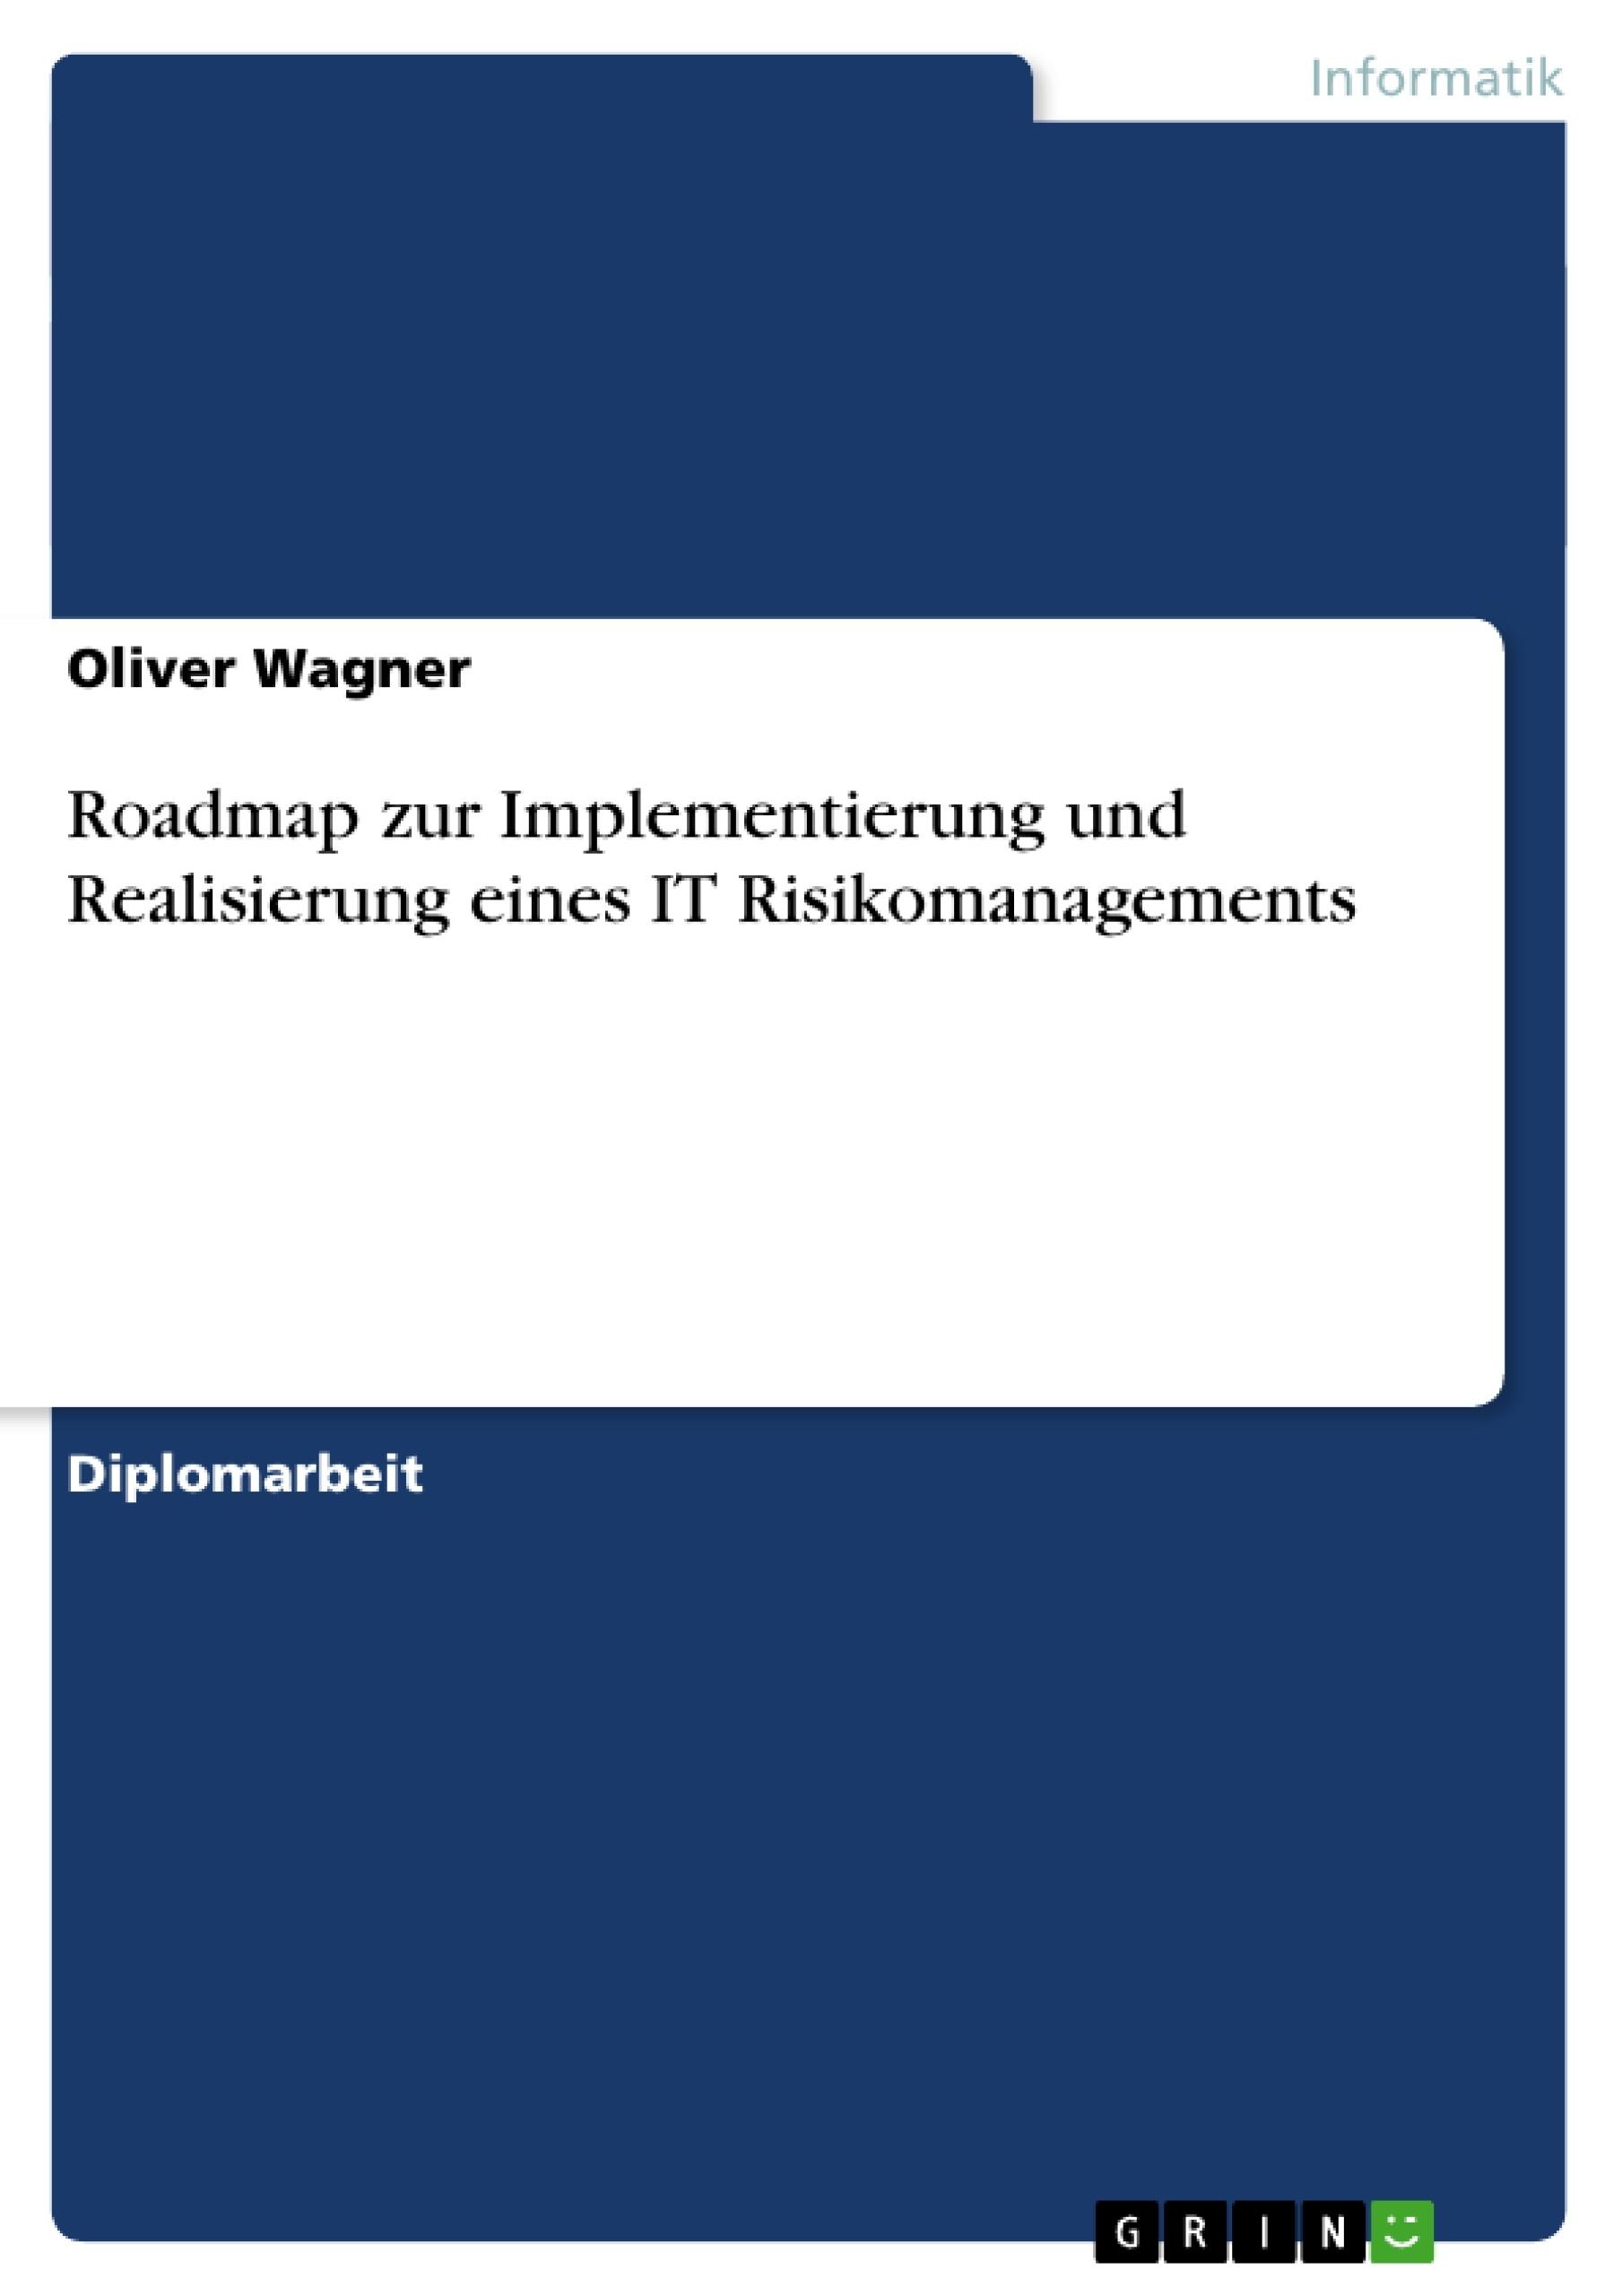 Titel: Roadmap zur Implementierung und Realisierung eines IT Risikomanagements